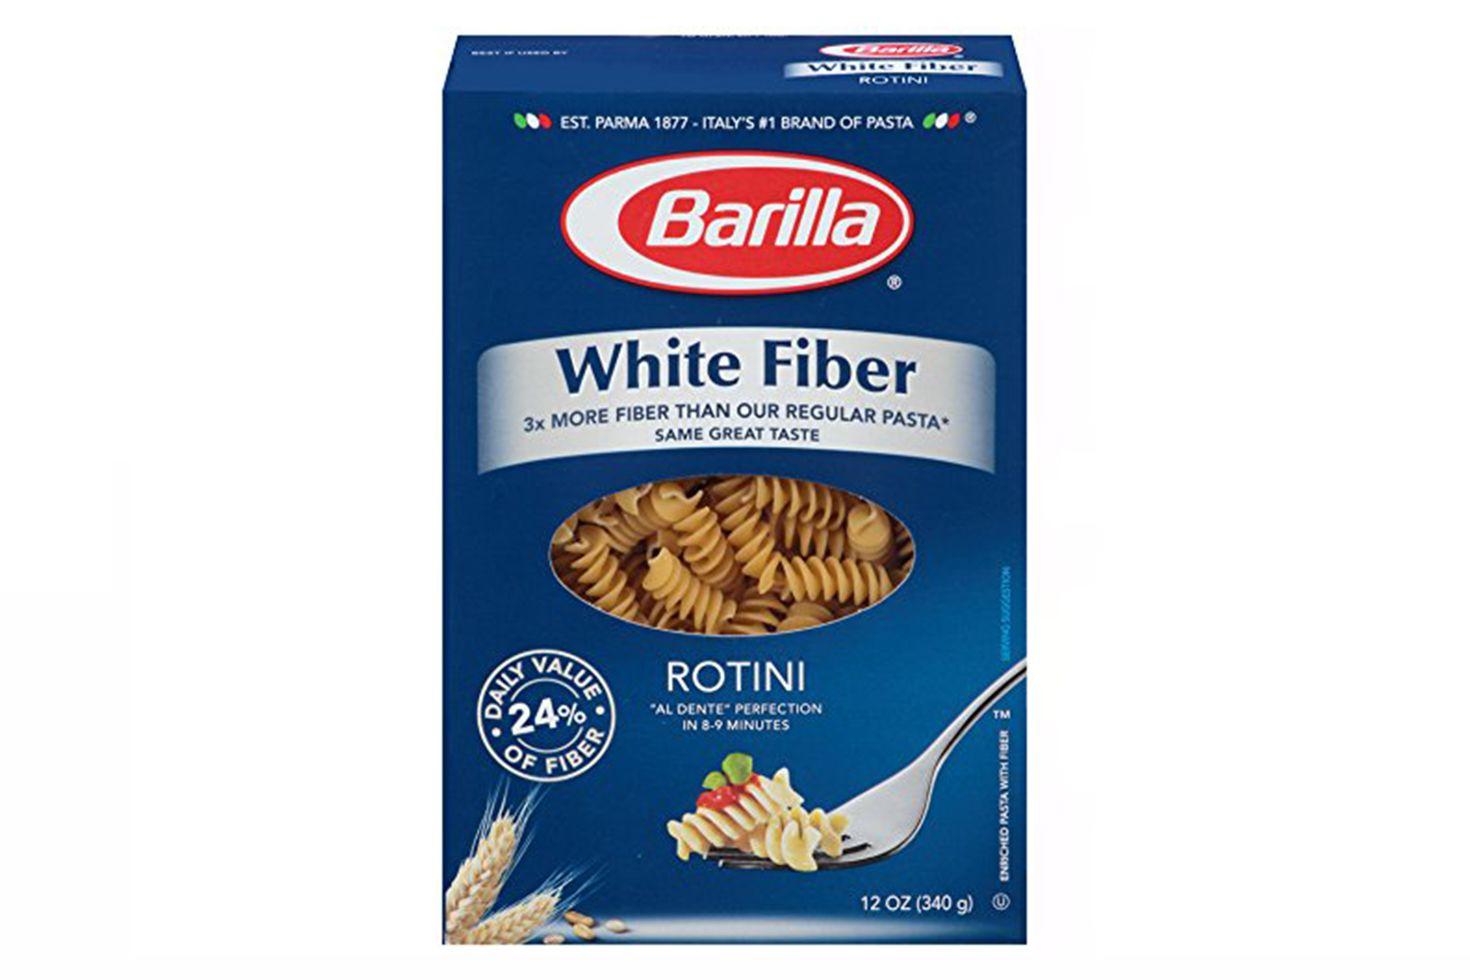 Barilla White Fiber Rotini